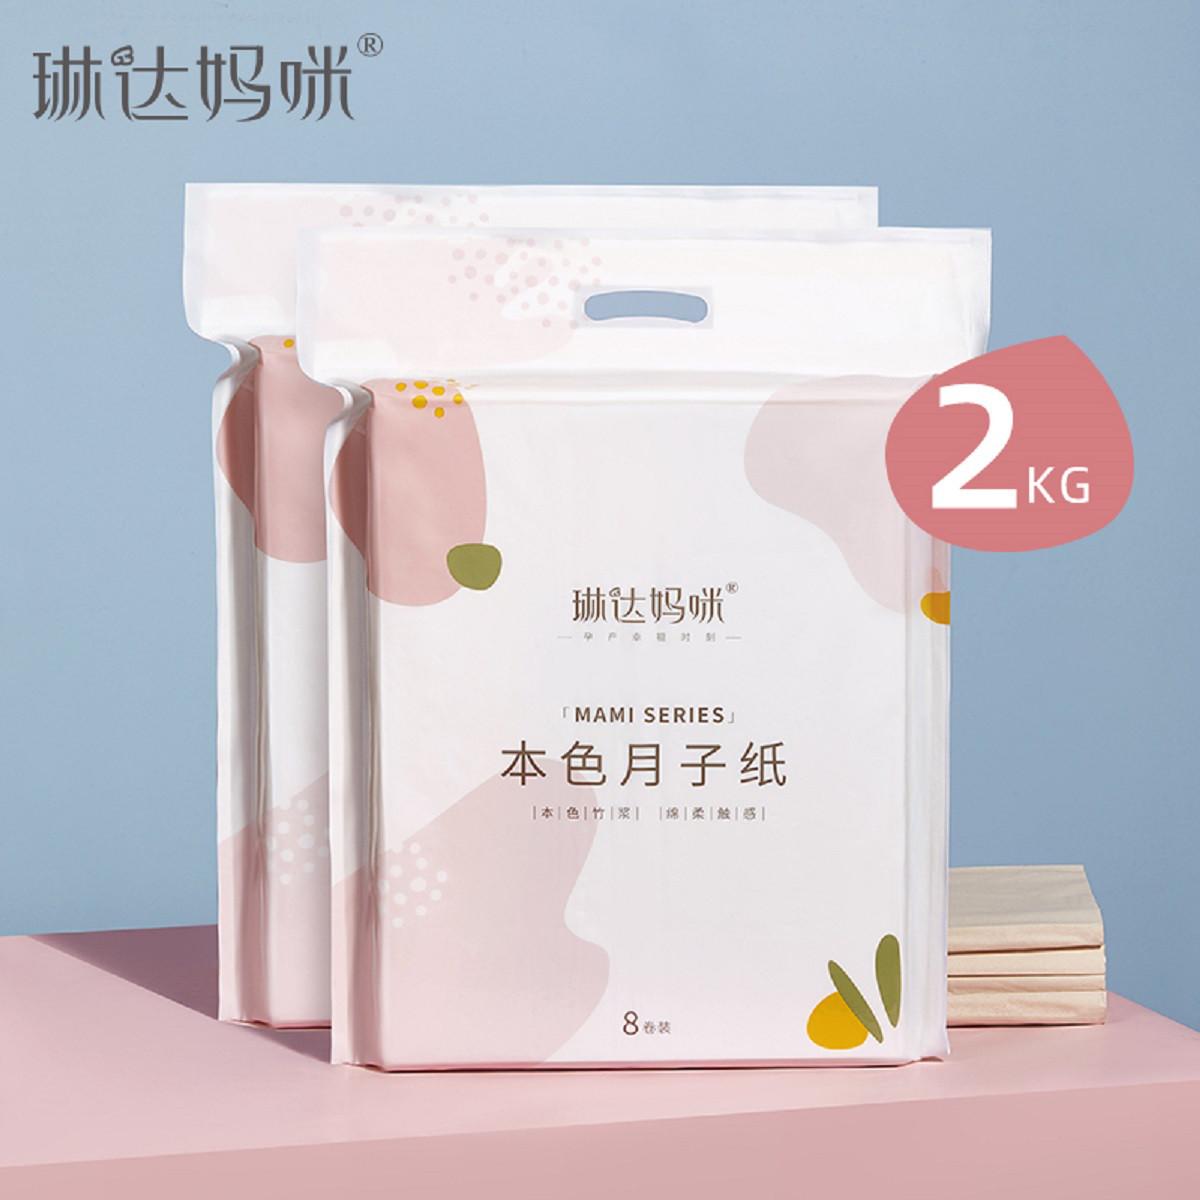 琳达妈咪 月子纸产妇专用刀纸产褥用品孕妇产后排恶露加大纸巾